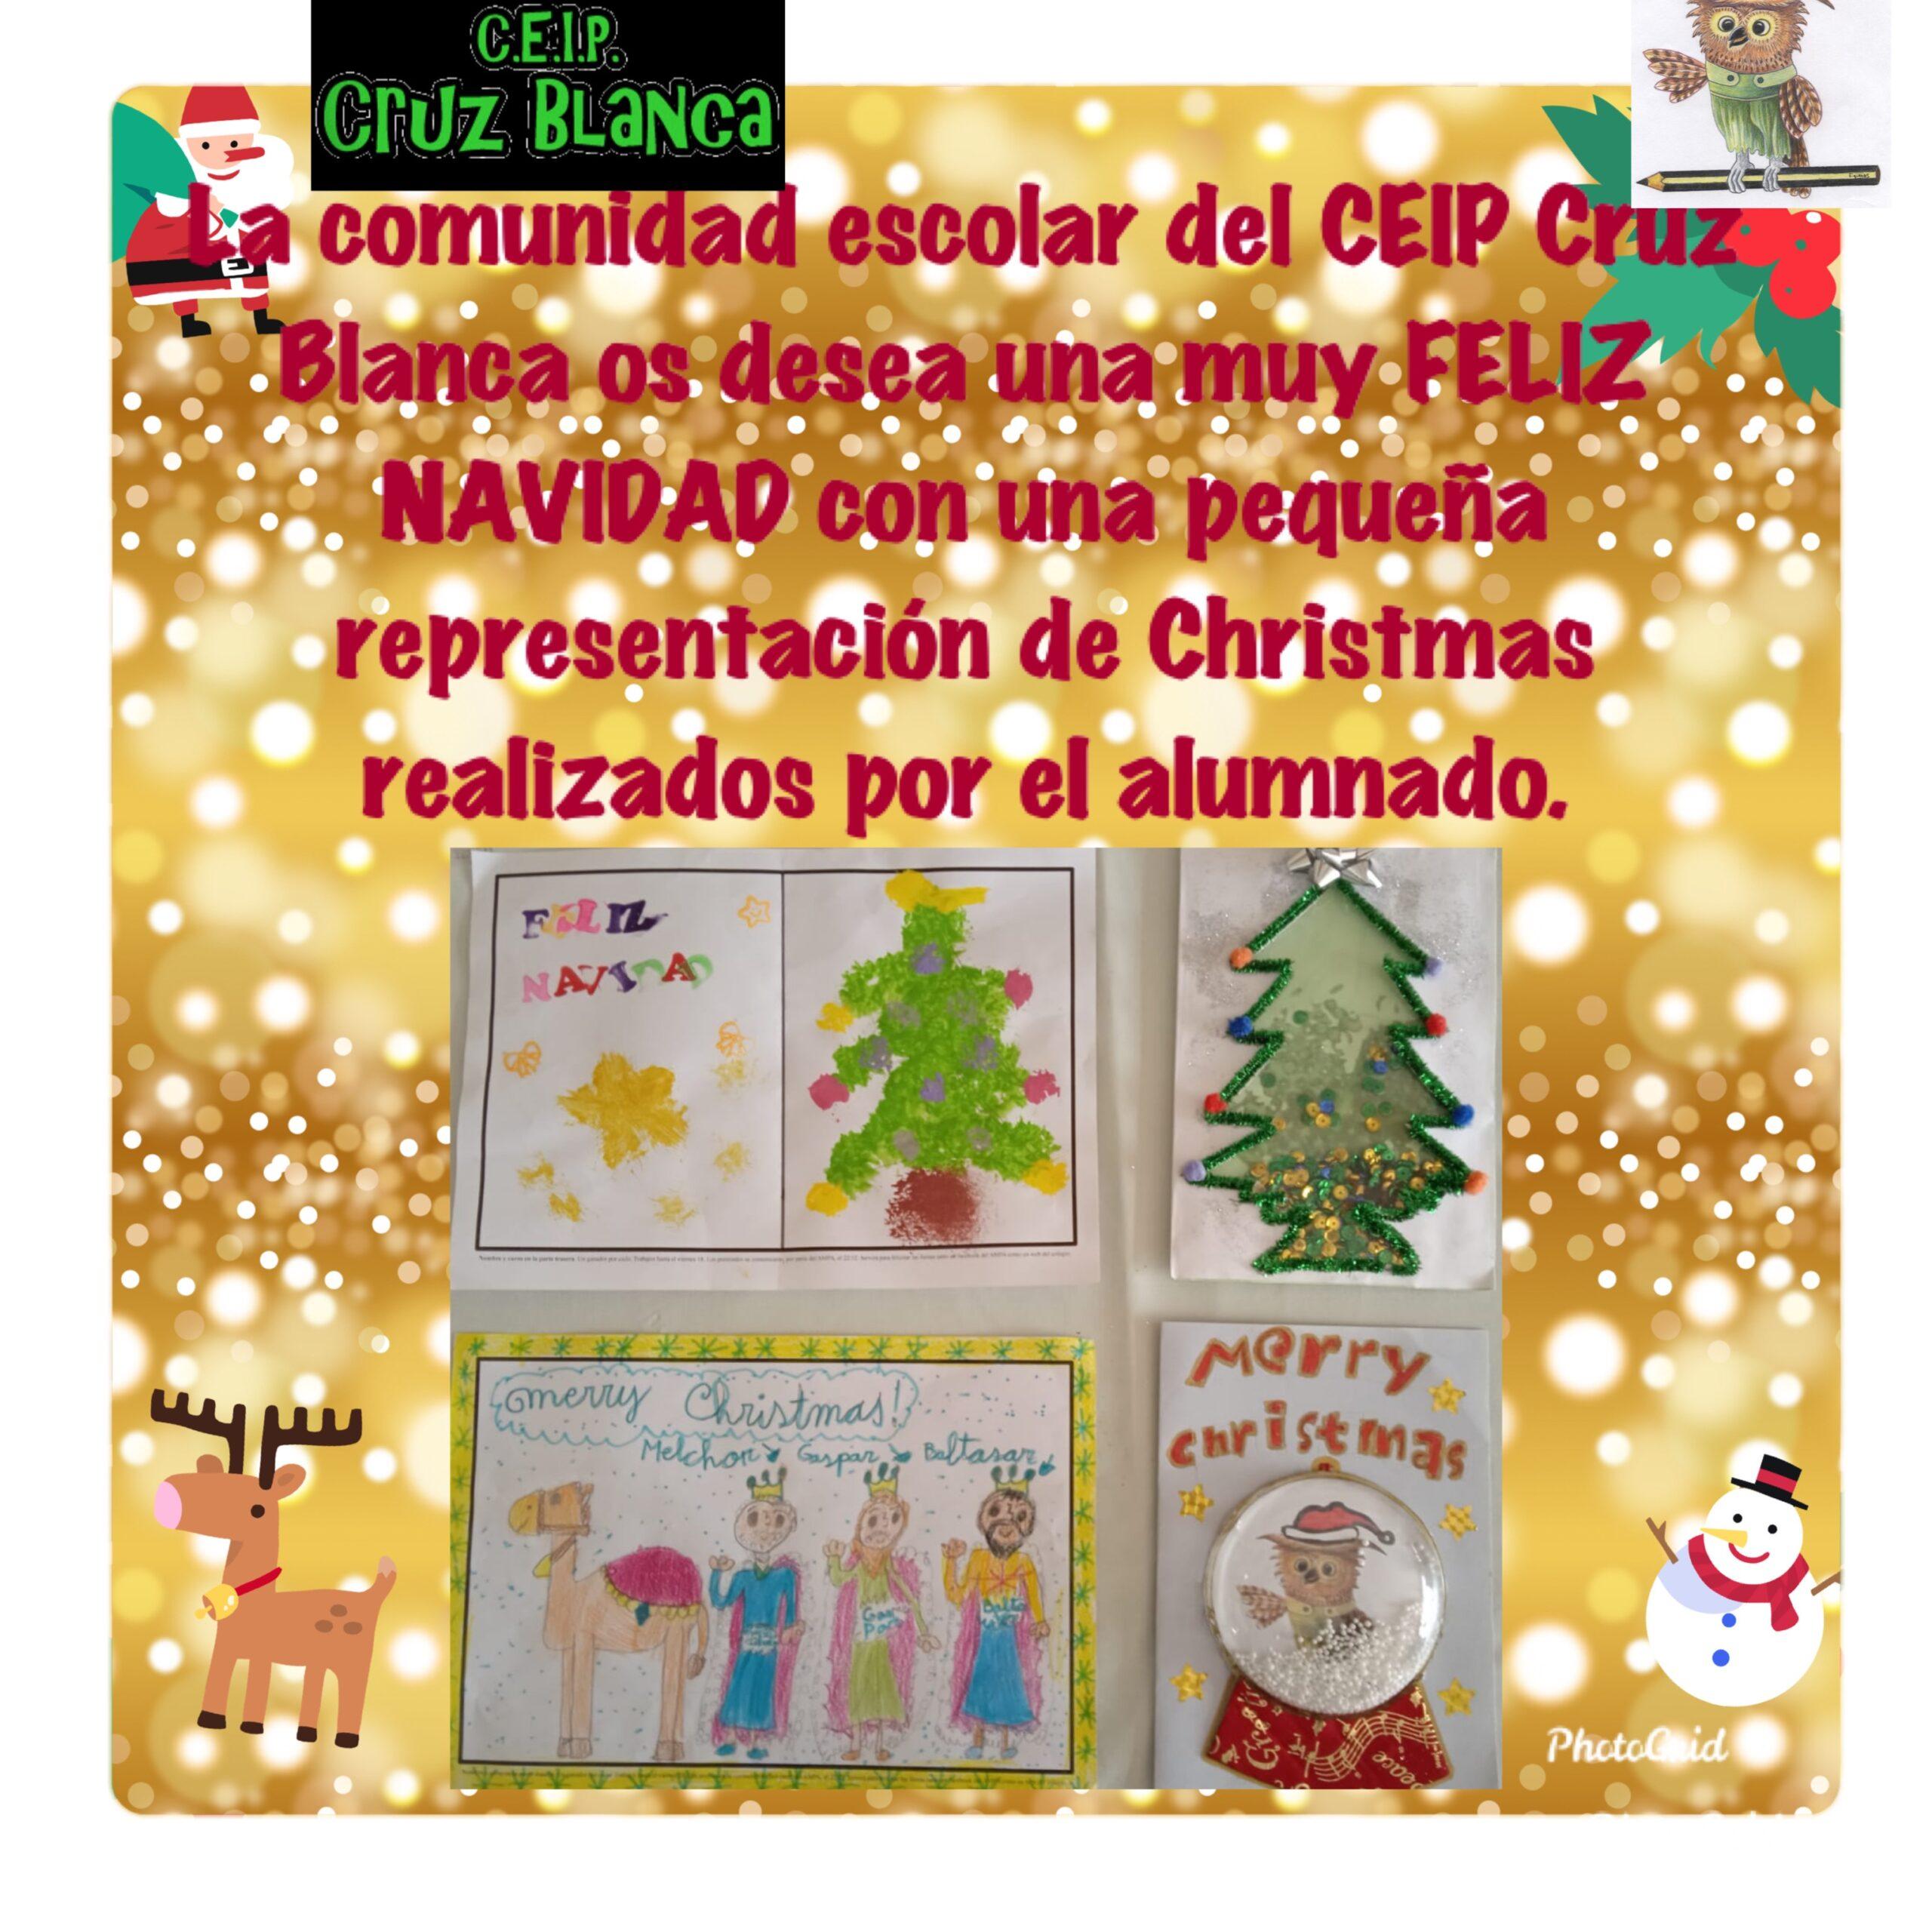 Navidad 2020 en el Cruz Blanca